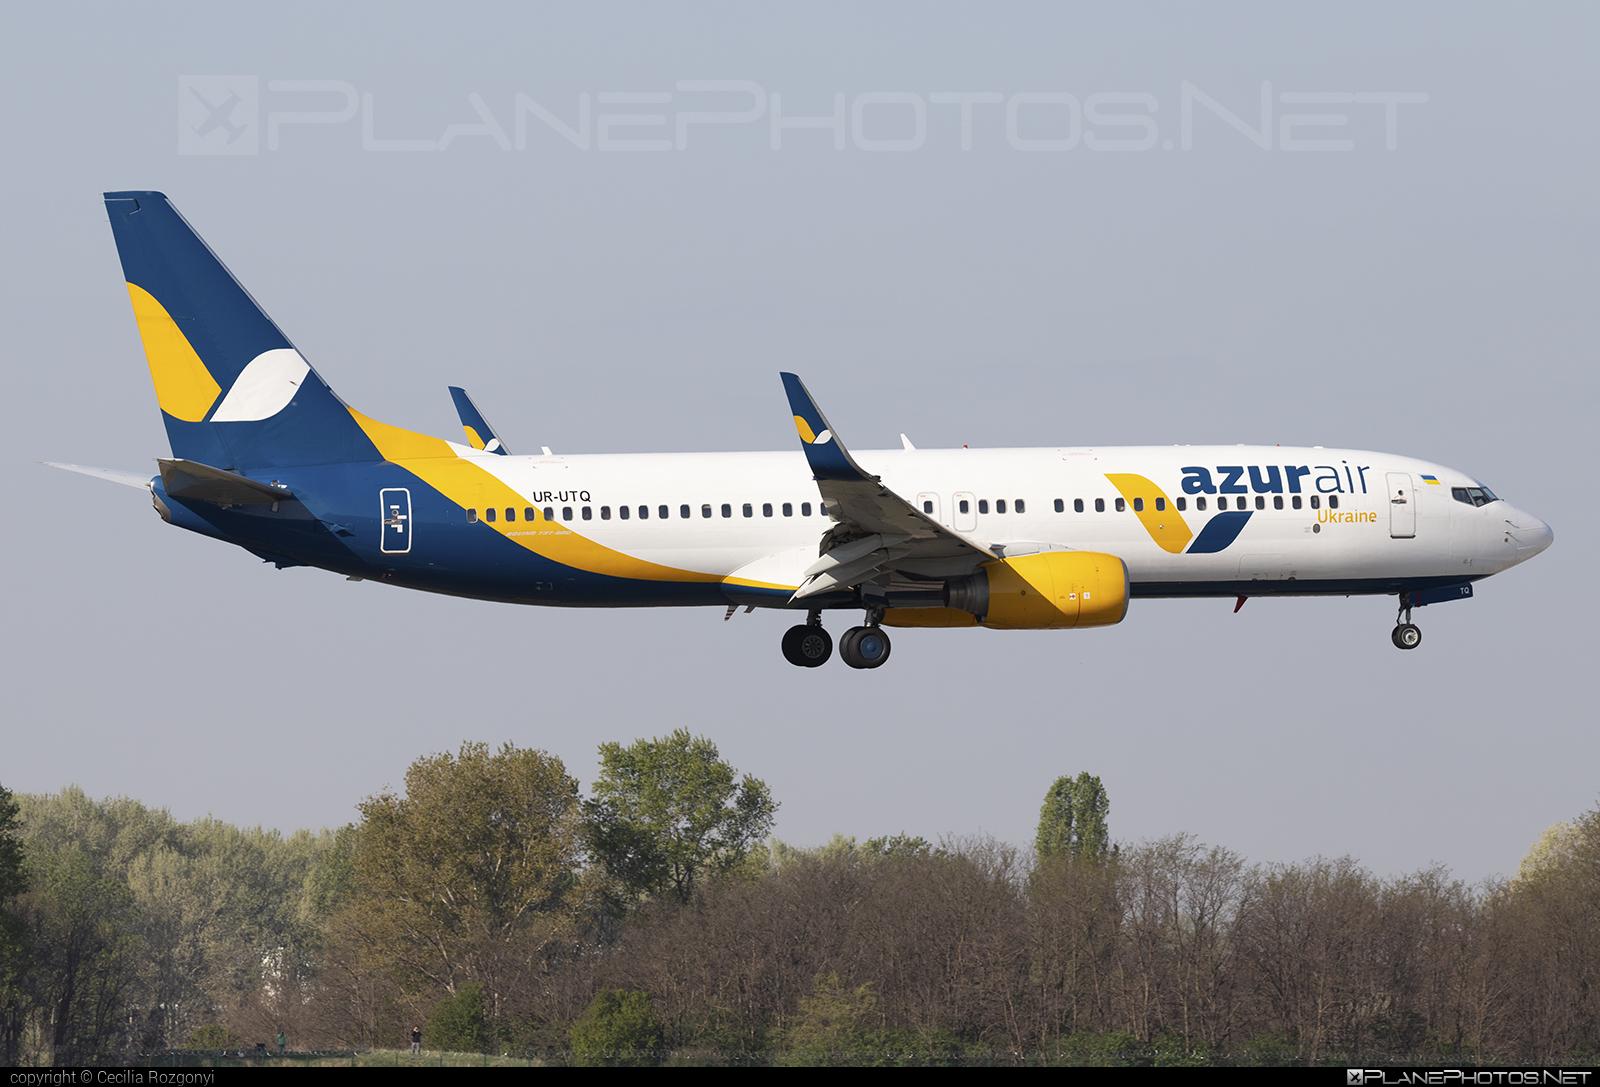 Azur Air Ukraine Boeing 737-800 - UR-UTQ #azurair #azurairukraine #b737 #b737nextgen #b737ng #boeing #boeing737